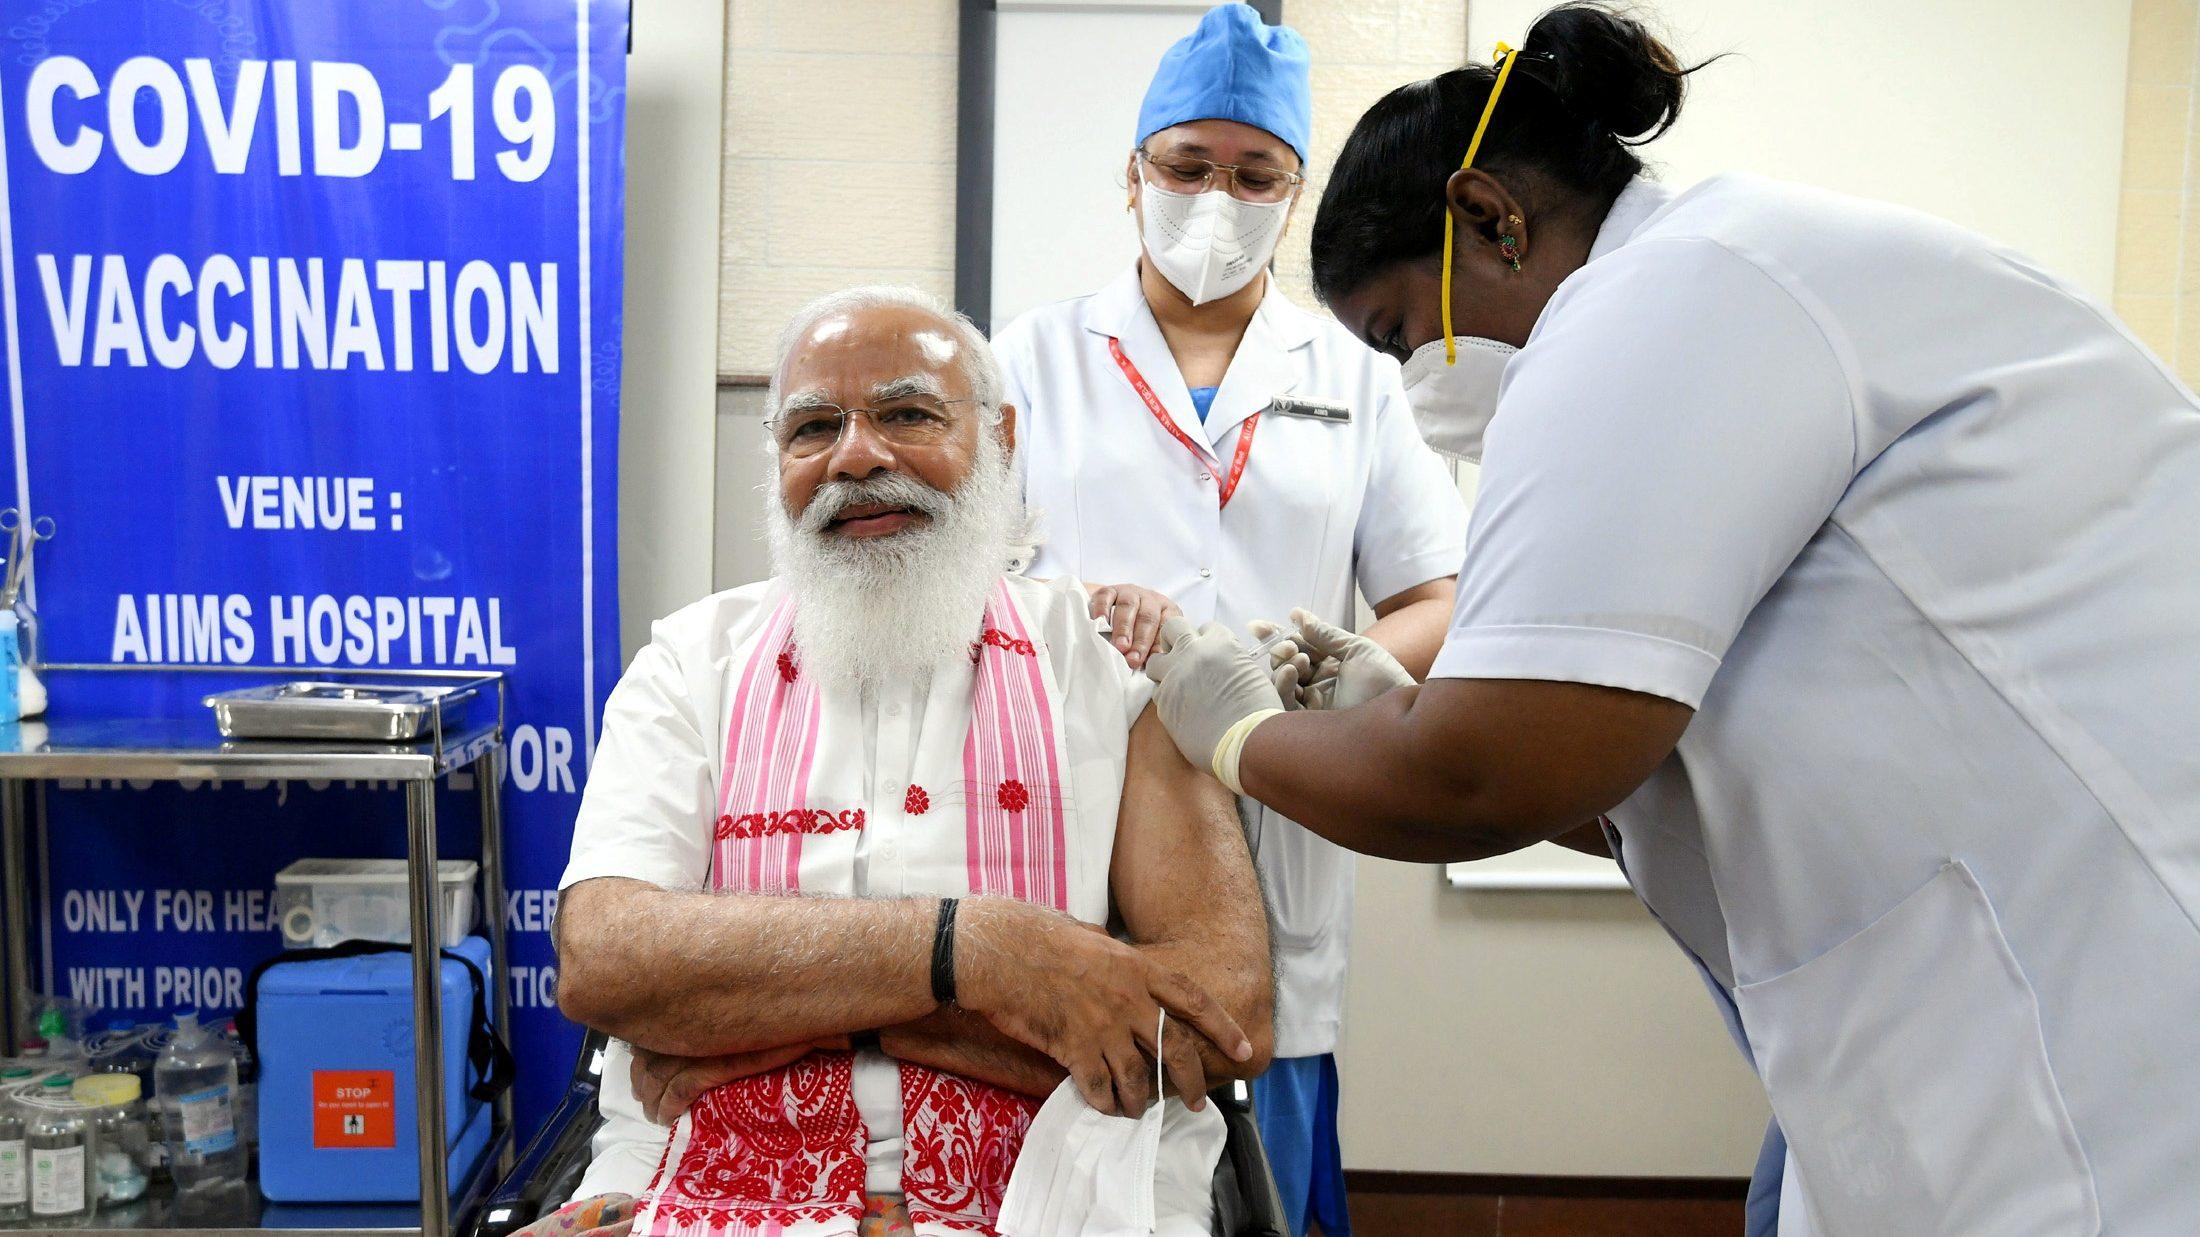 India's PM Modi receives a dose of a COVID-19 vaccine in New Delhi